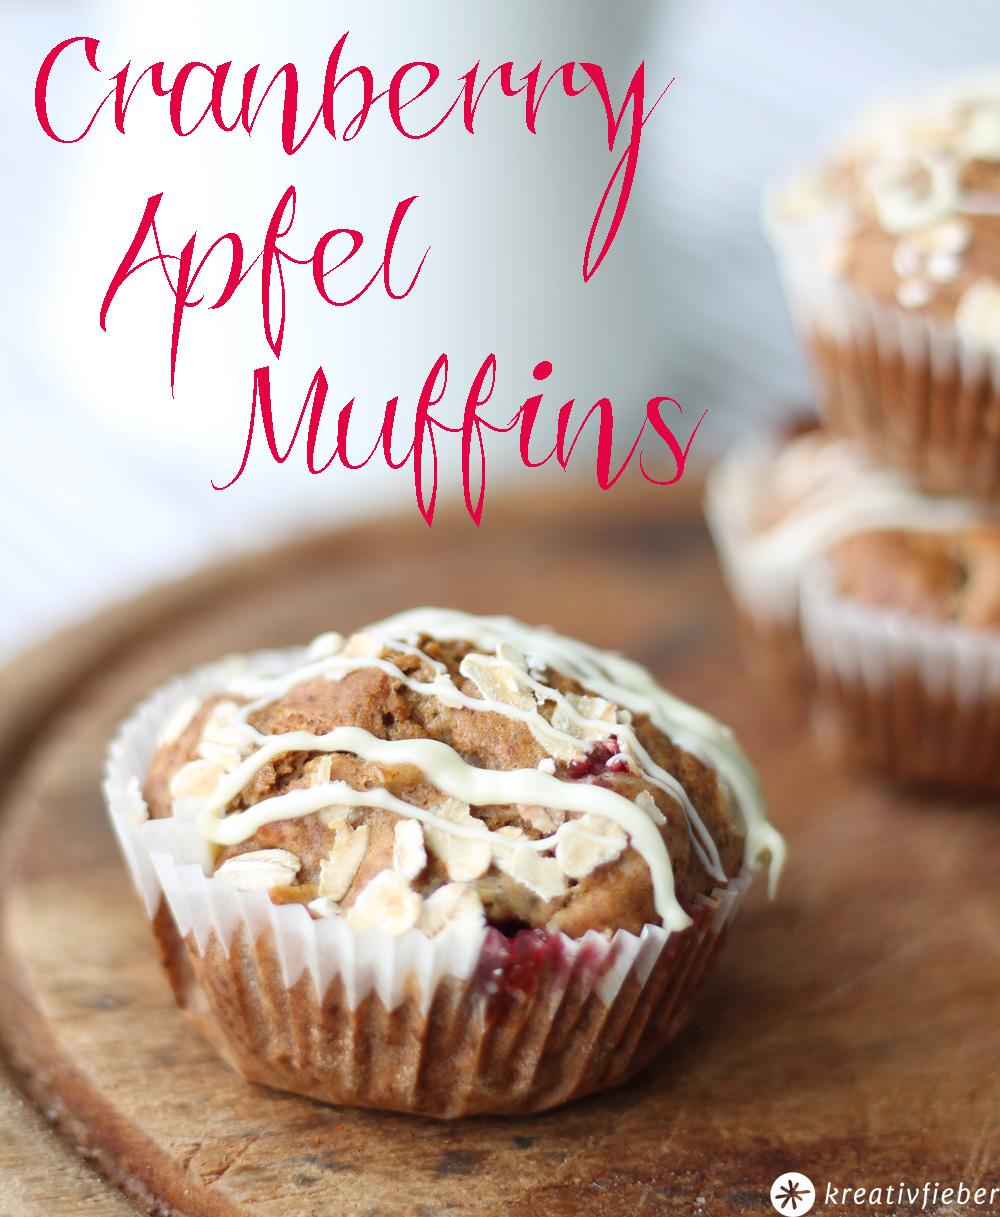 sonntagskuchen cranberry apfel muffins rezepte ohne zuckerzusatz. Black Bedroom Furniture Sets. Home Design Ideas